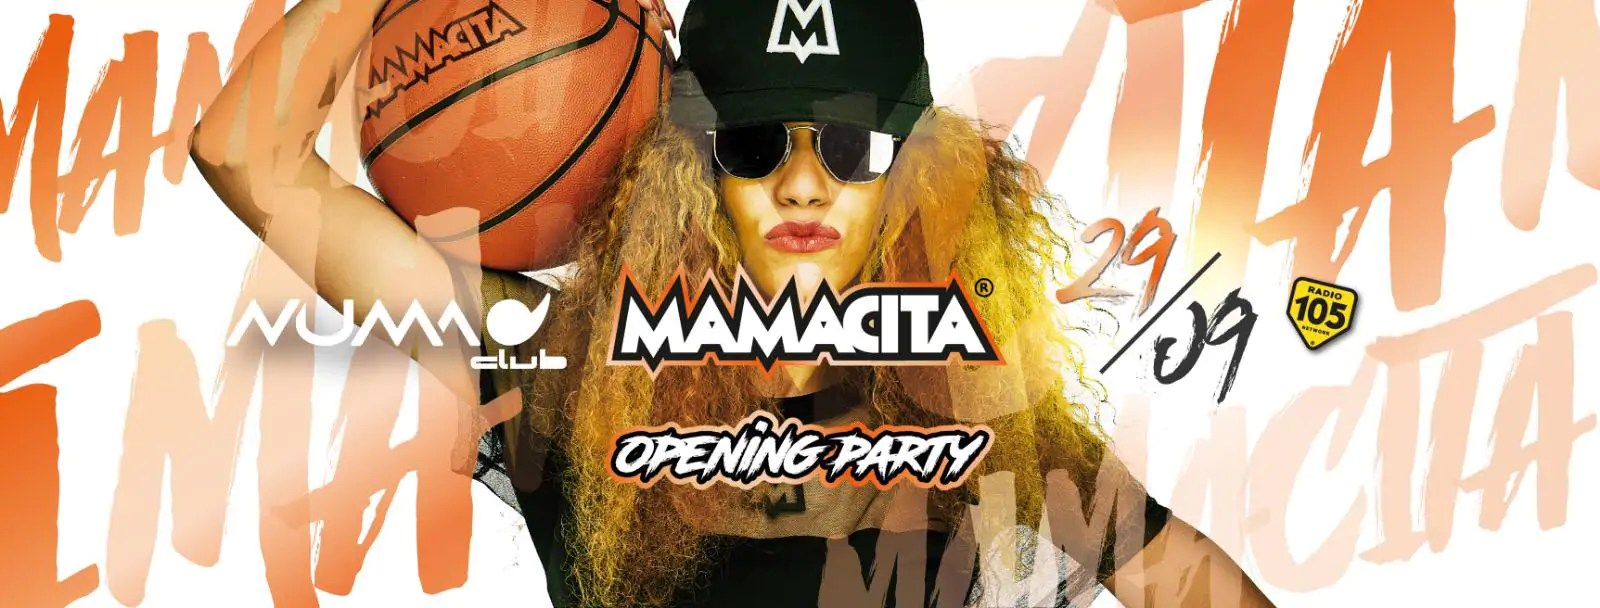 Mamacita Party at Numa Club Bologna – 29 Settembre 2018   Ticket Tavoli Pacchetti hotel Prevendite